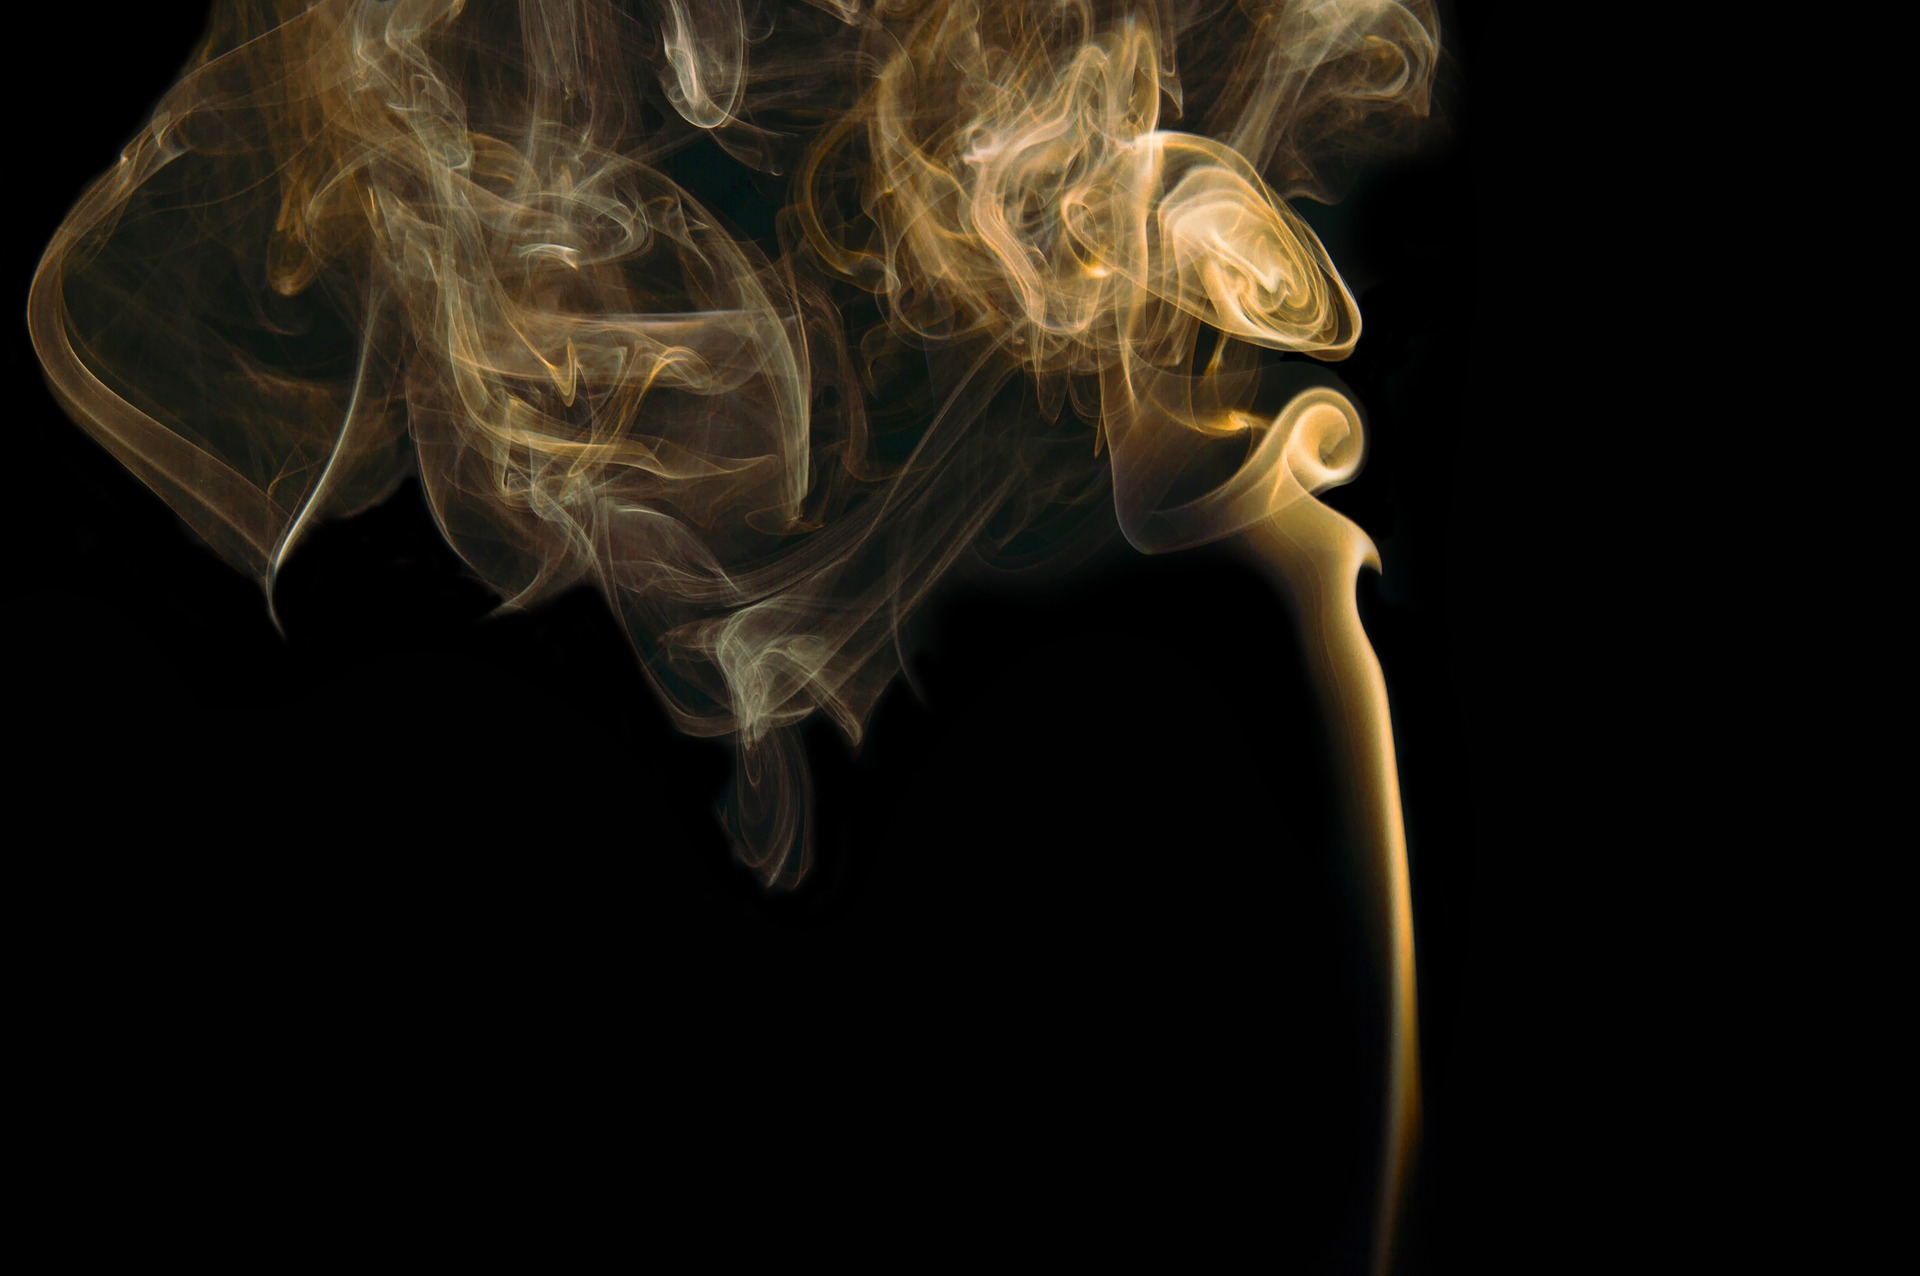 Tough on crime or just a smokescreen?